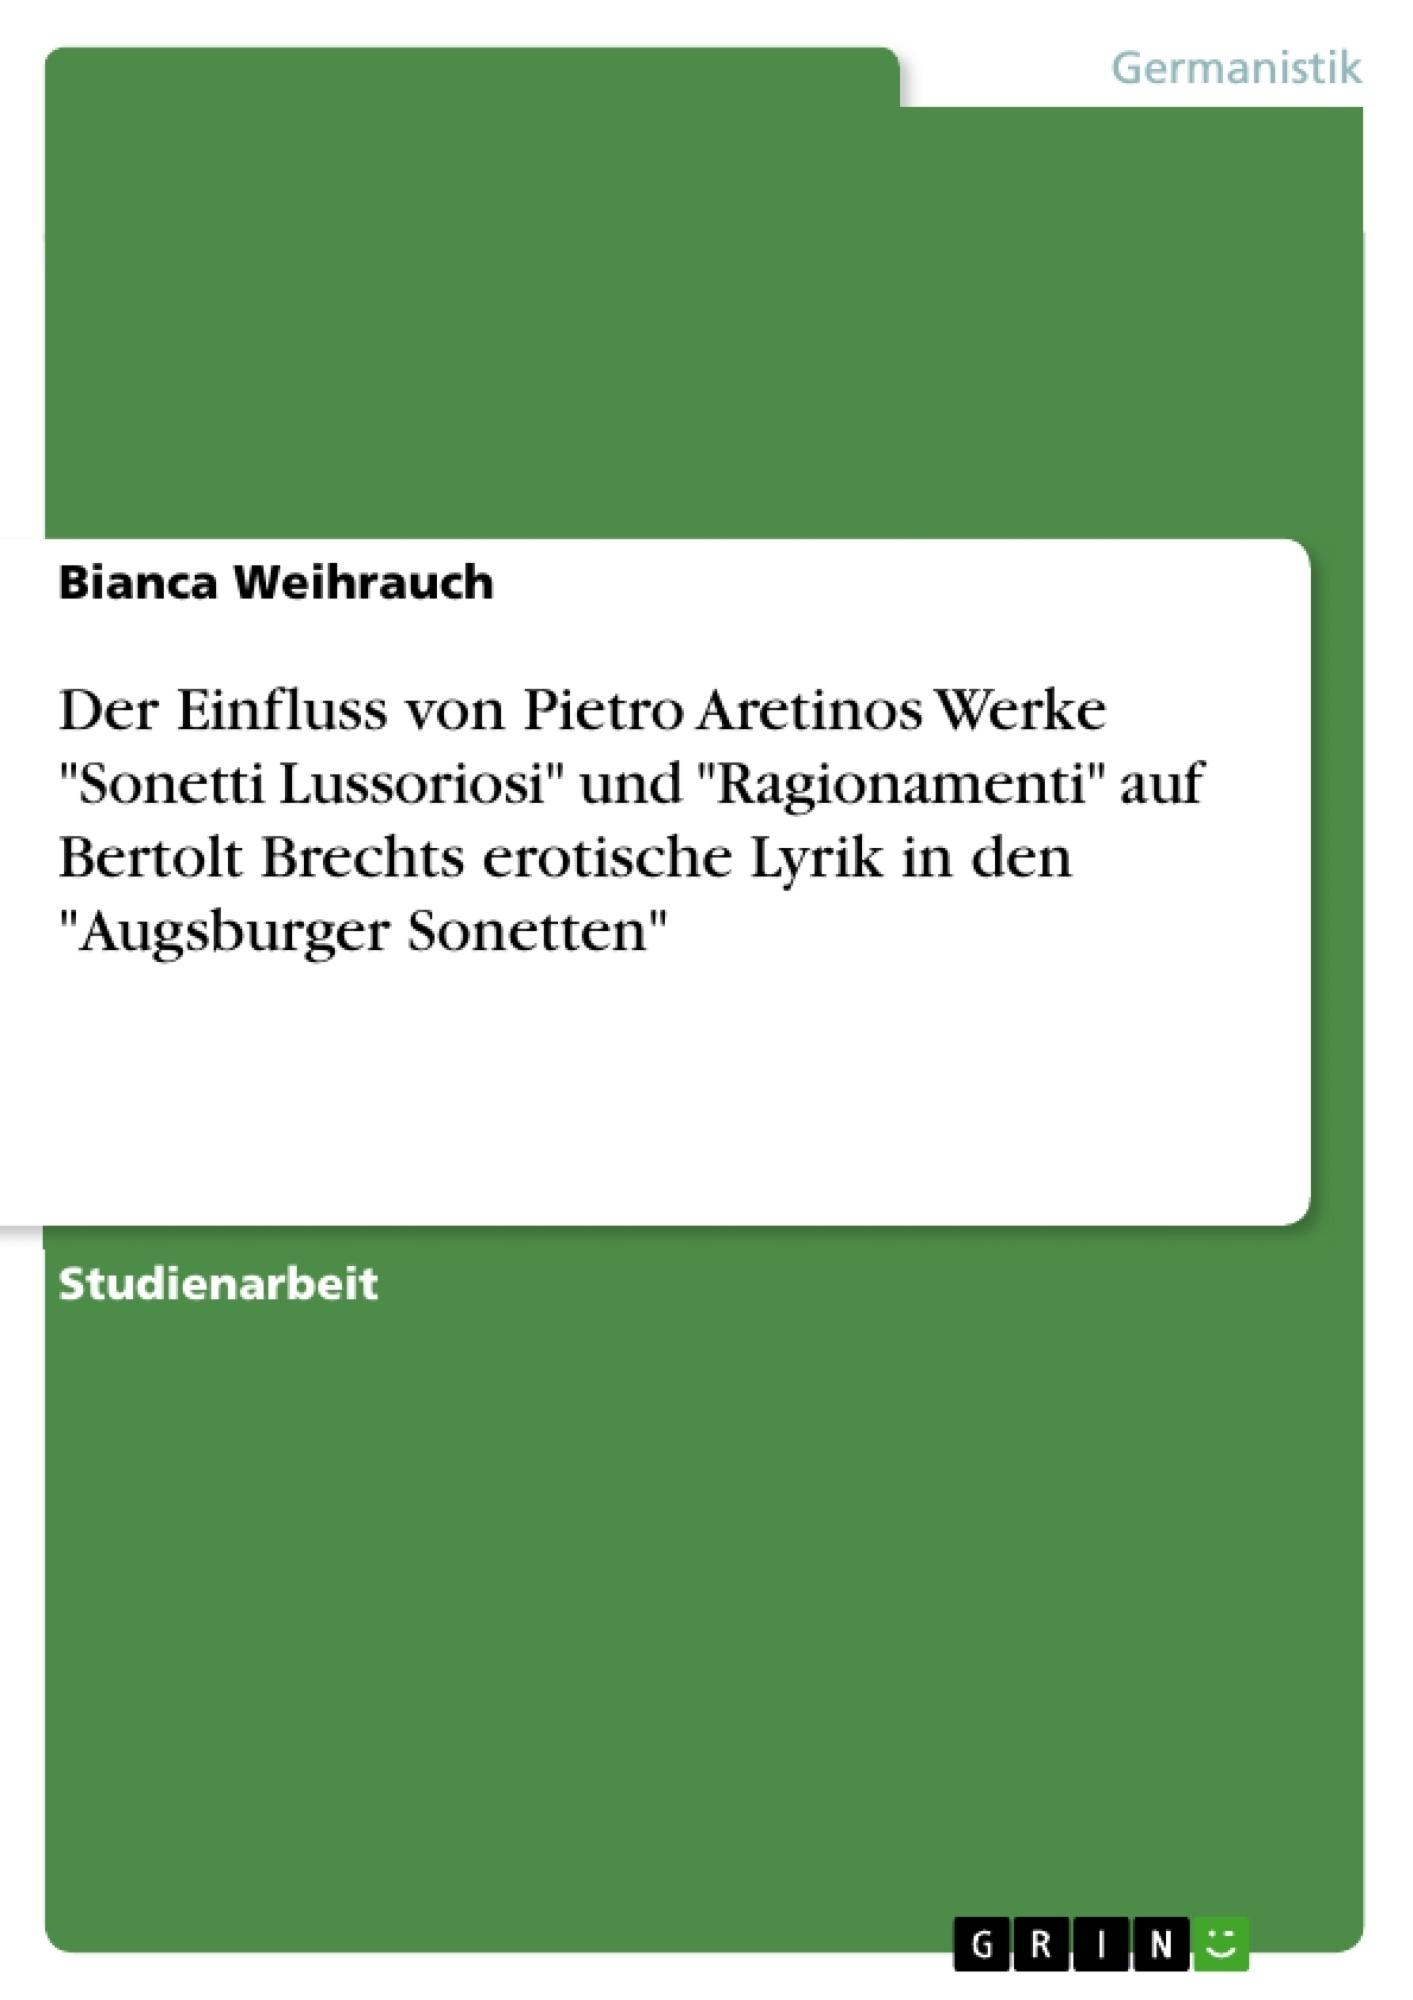 """Titel: Der Einfluss von Pietro Aretinos Werke """"Sonetti Lussoriosi"""" und """"Ragionamenti"""" auf Bertolt Brechts erotische Lyrik in den """"Augsburger Sonetten"""""""